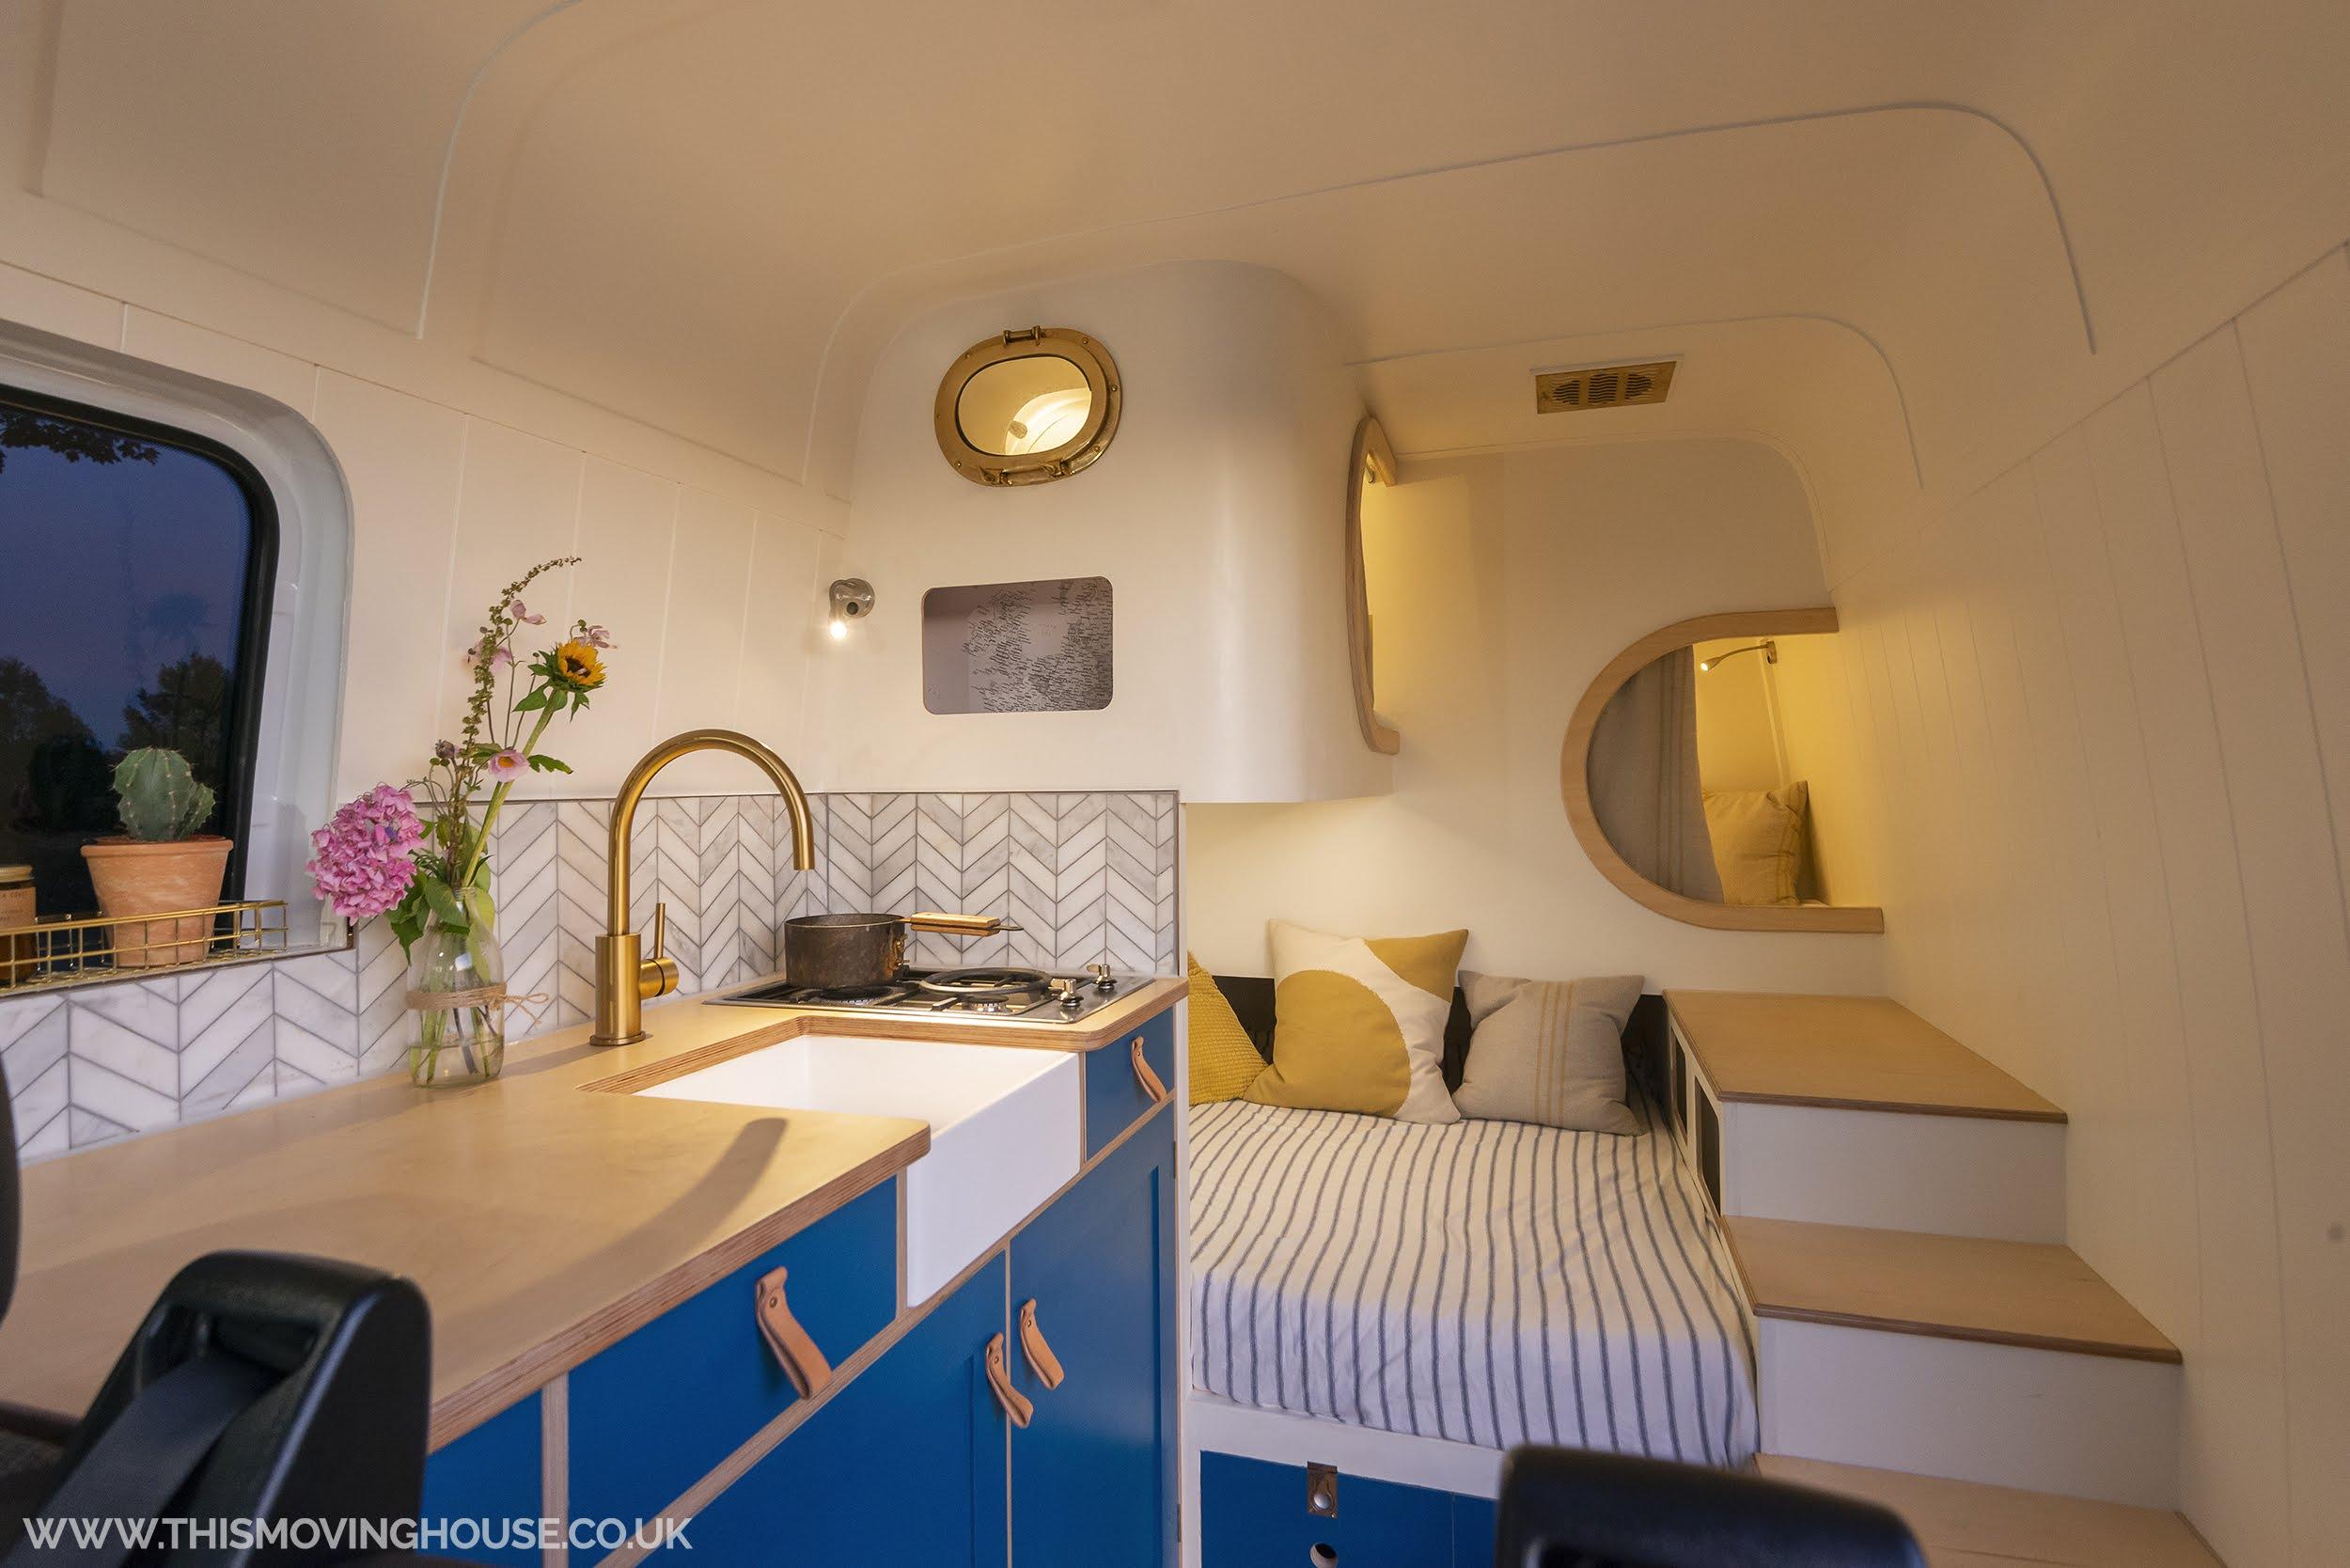 camper van interior with handmade ktichen